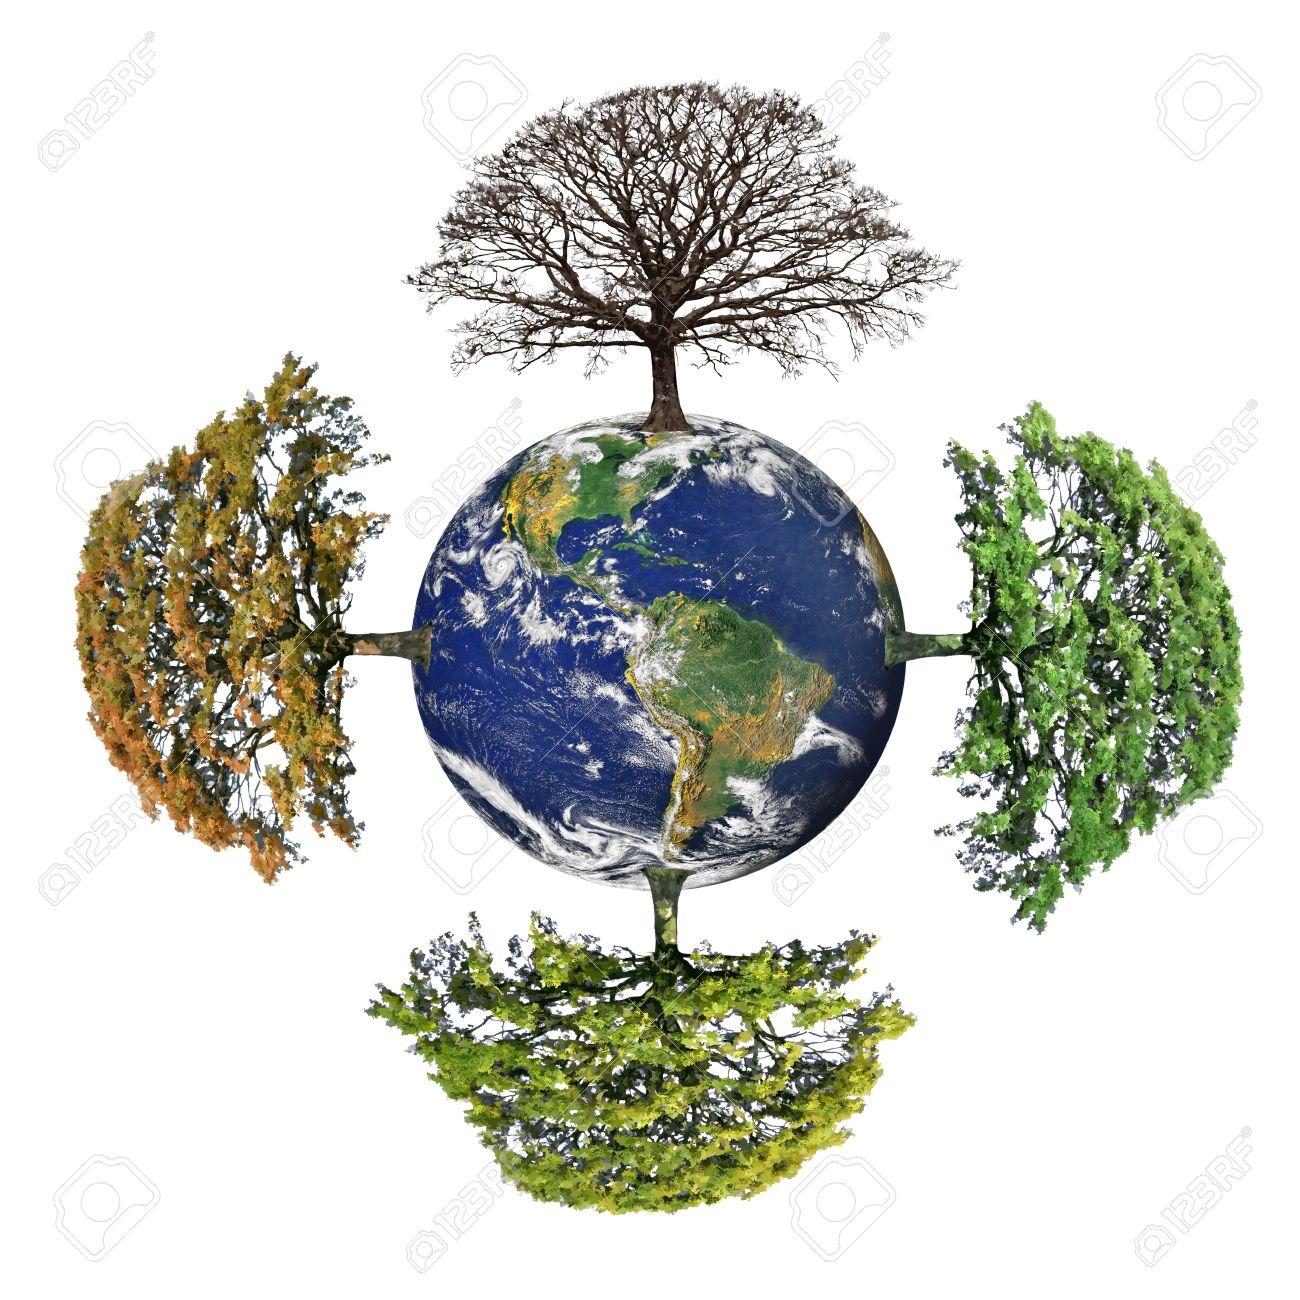 Roble resumen de las cuatro estaciones, primavera, verano, otoño y el invierno en un mundo del planeta tierra con el continente americano, más de fondo blanco. Foto de archivo - 5022791